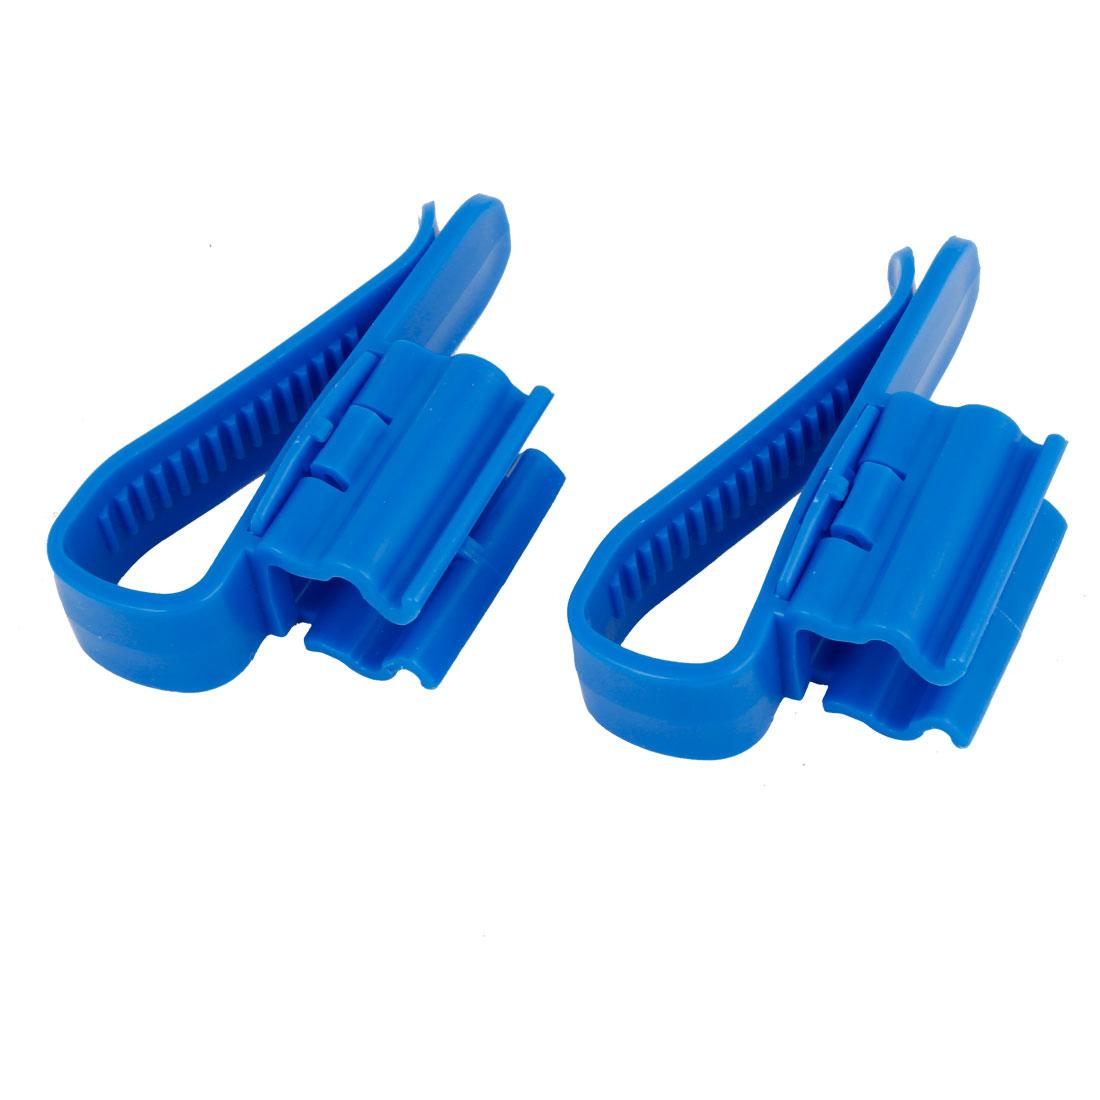 2 Pcs Fish Tank Aquarium Blue Plastic Hose Holder for Mount Tube